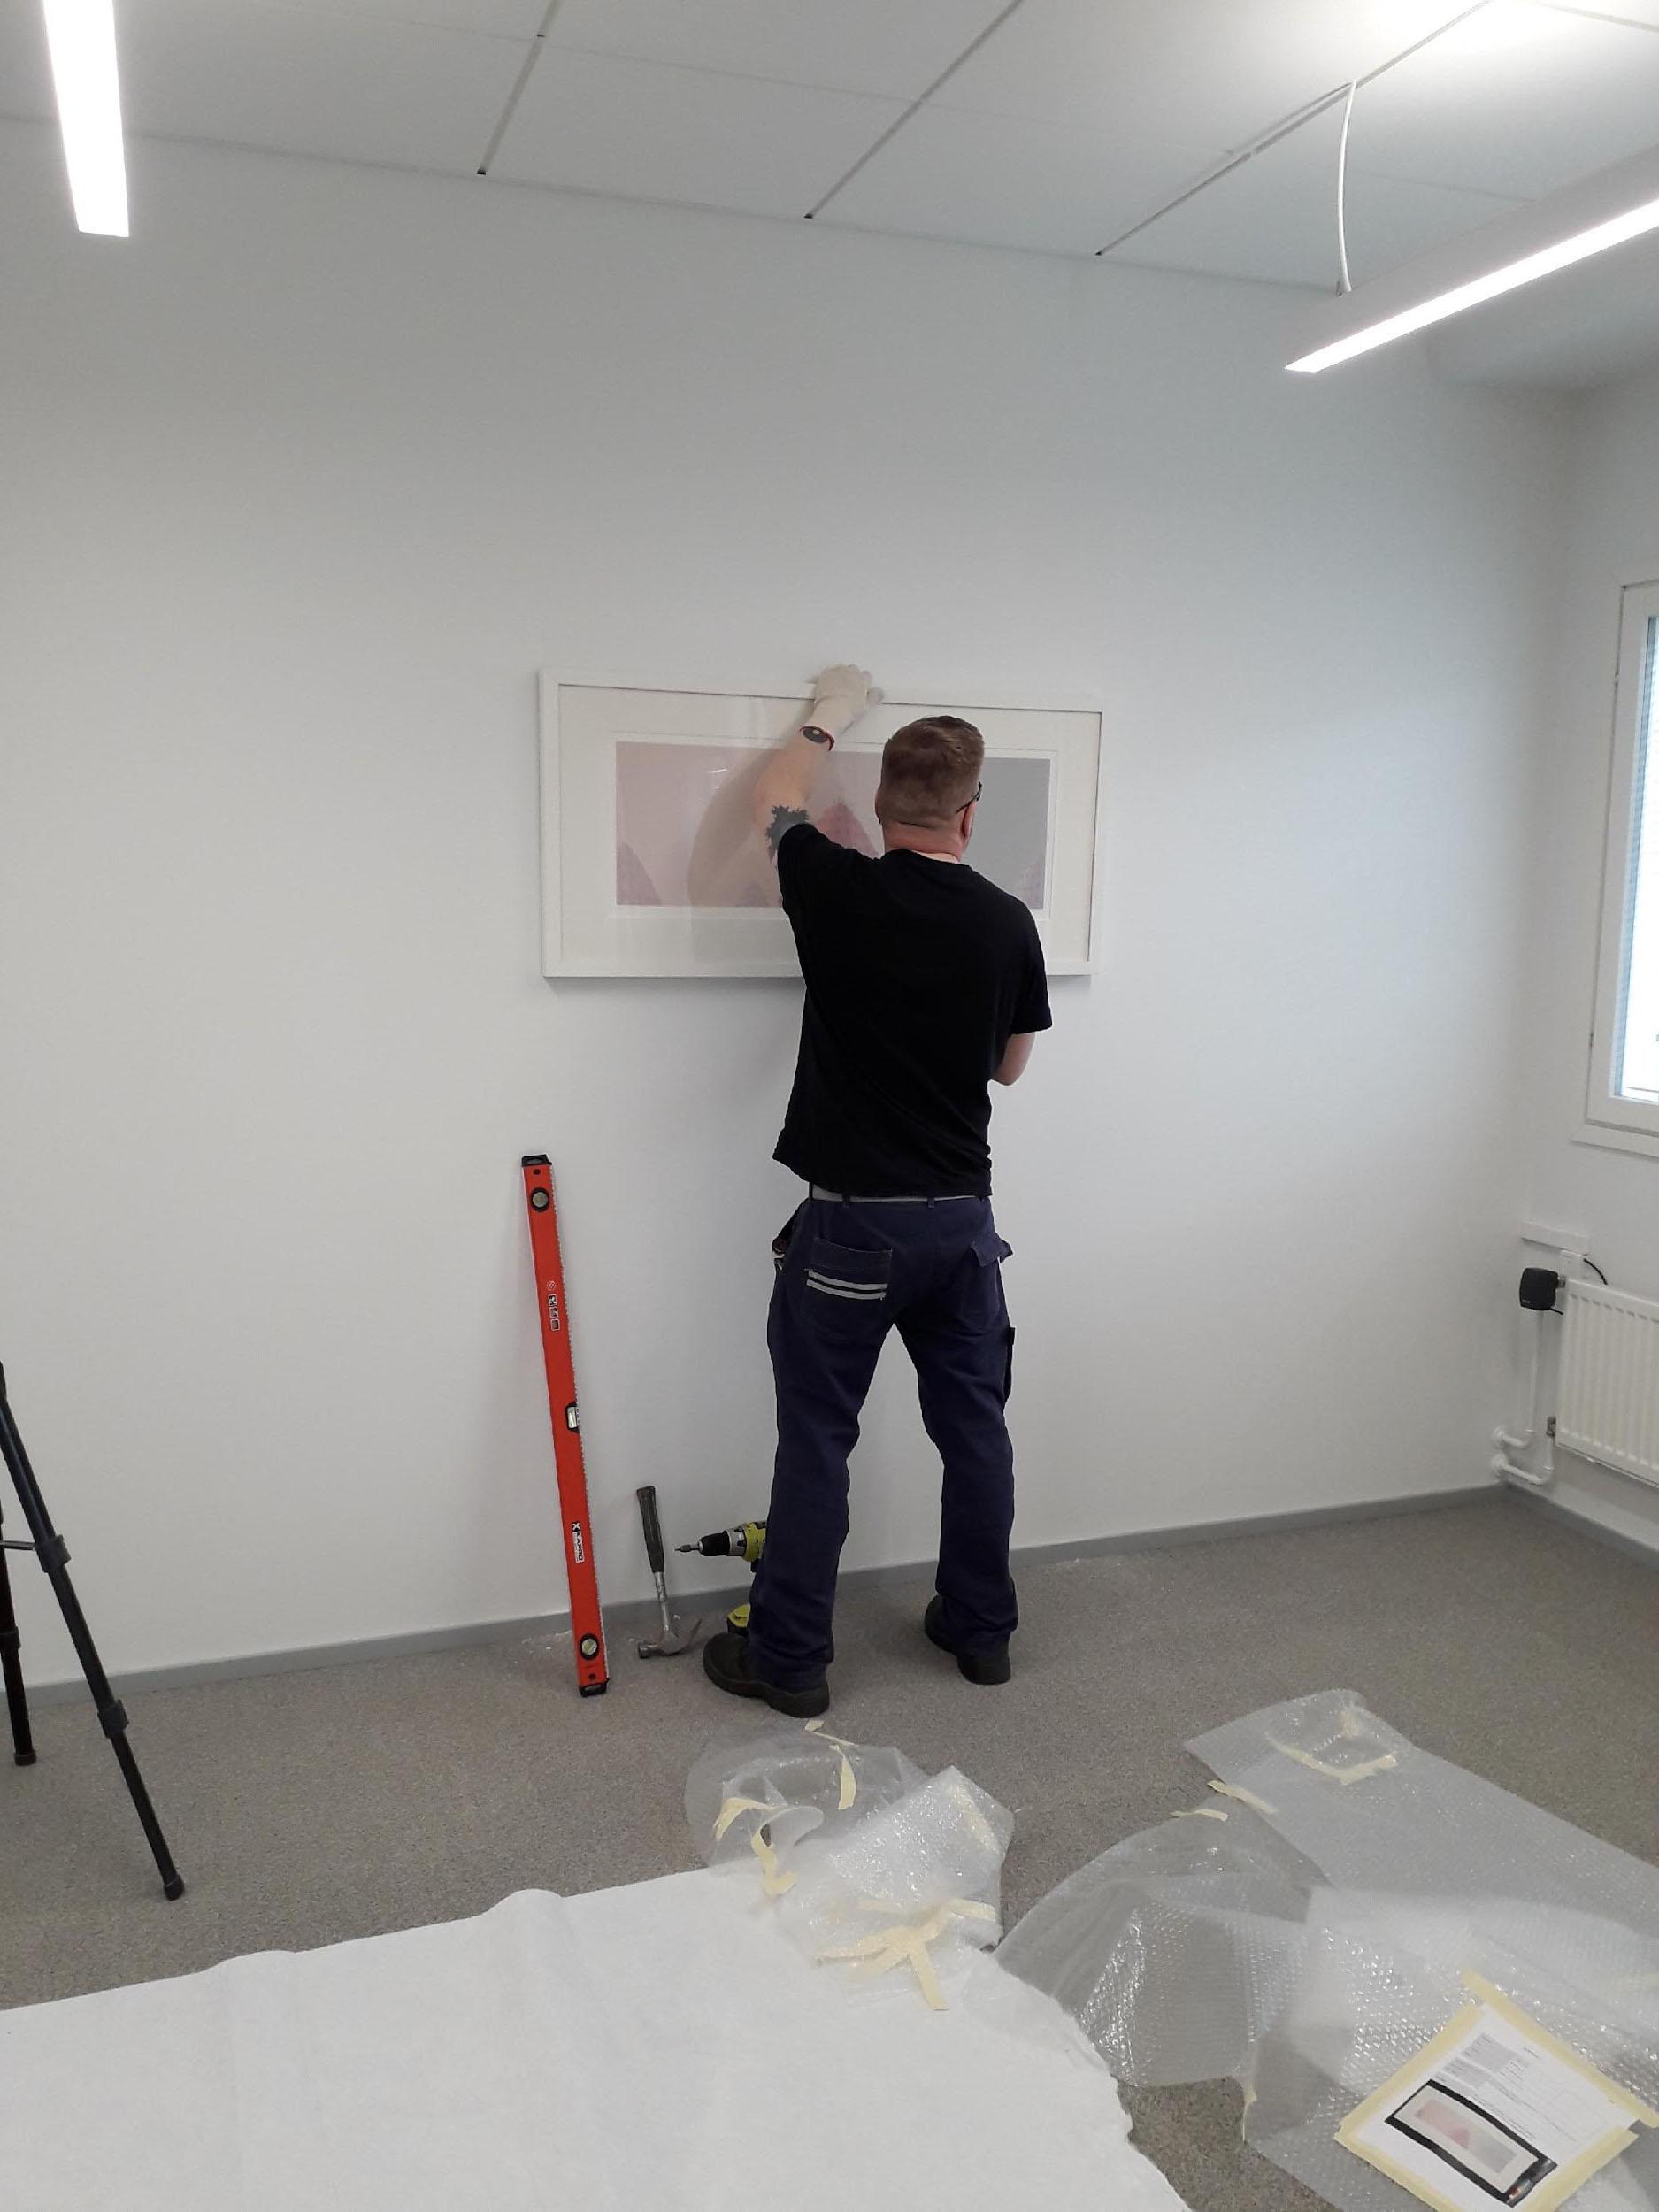 Jaani Föhr ripustaa Kristian Krokforsin teosta uusiin tiloihin. Kuva: Tiina Tolonen.